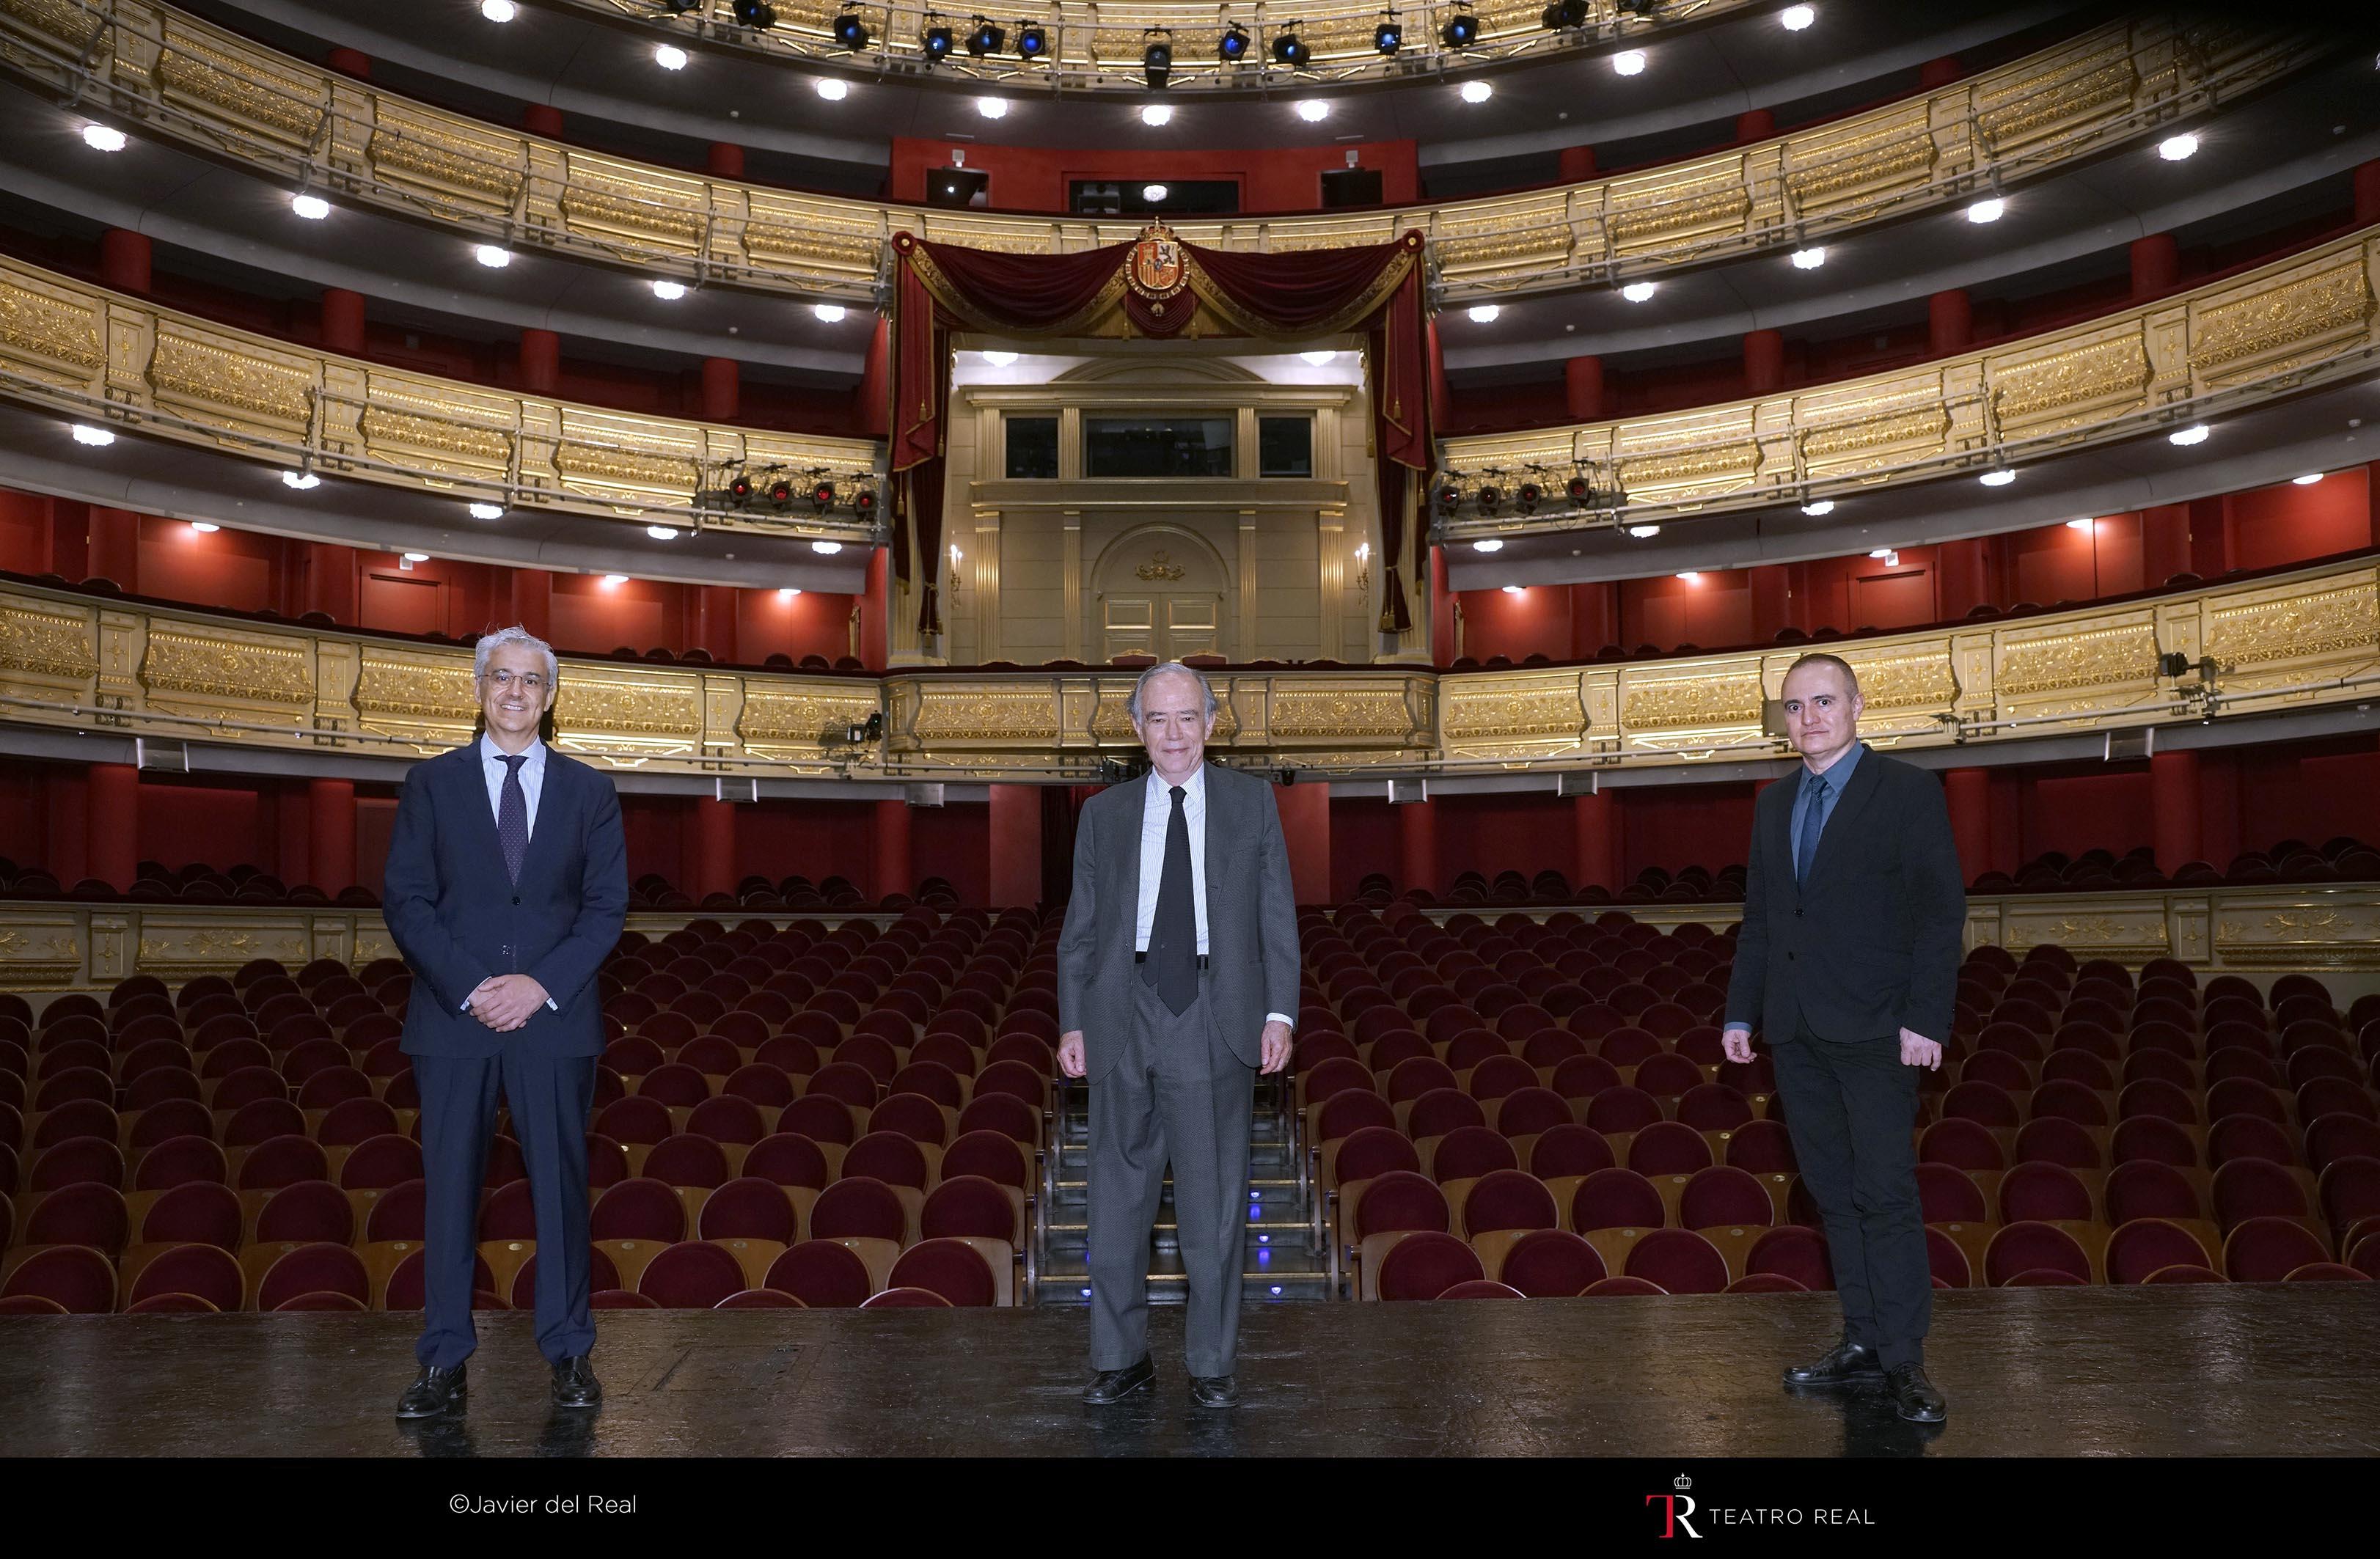 Se presenta la Temporada 2020-2021 del Teatro Real, reivindicando la paulatina vuelta a la normalidad y la confianza en el futuro